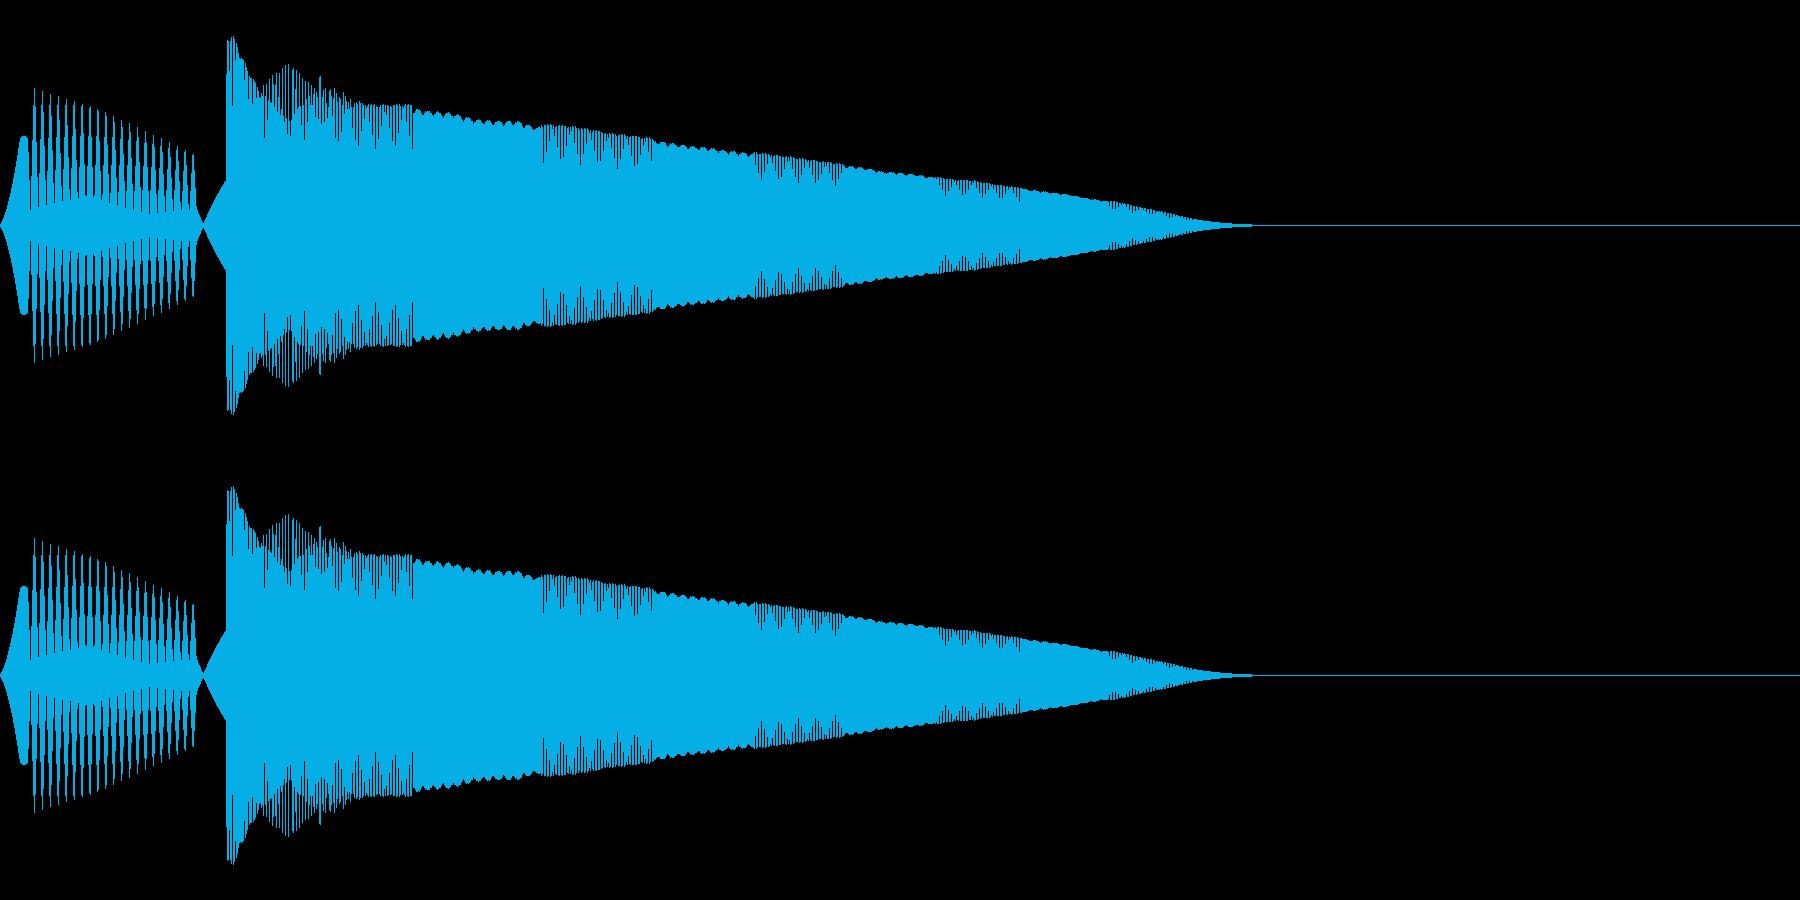 ポヨーン(決定/選択/かわいい/ピコピコの再生済みの波形